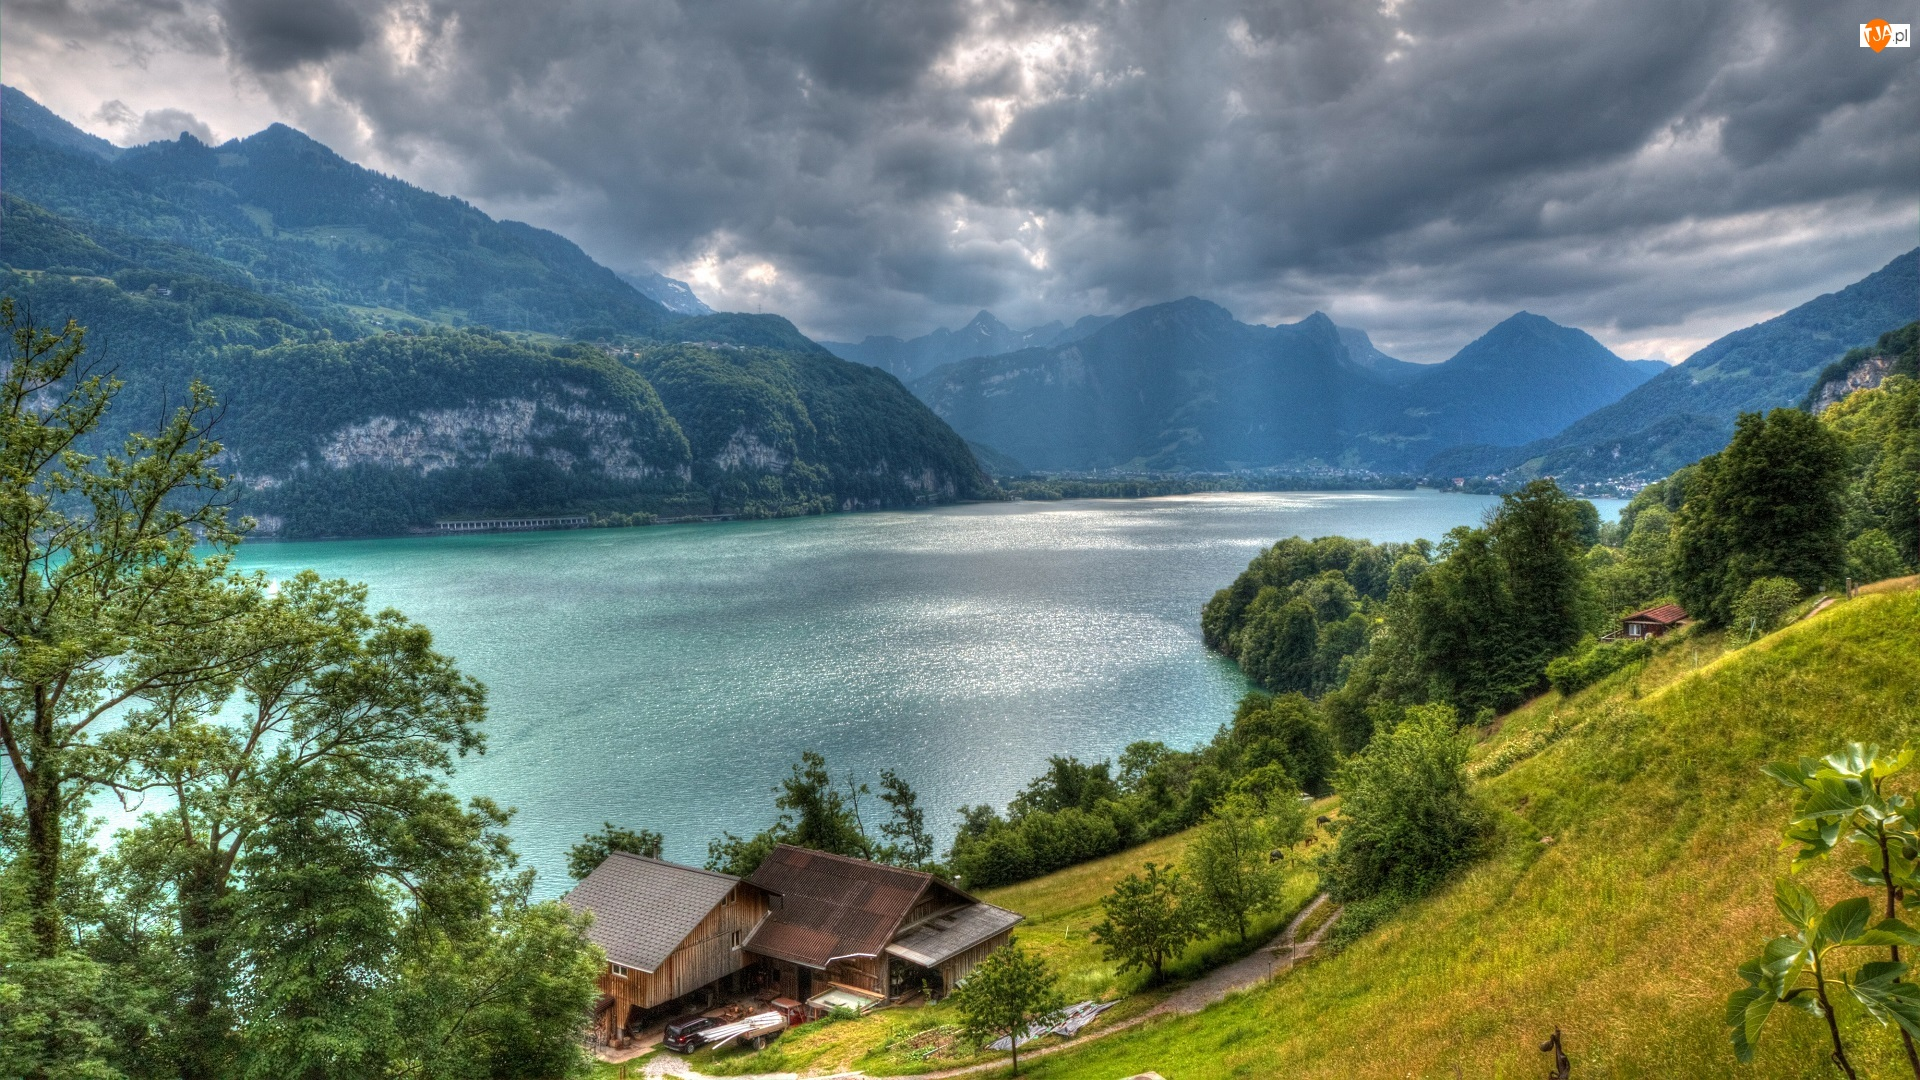 Góry Alpy, Pasmo górskie Churfirsten, Chmury, Szwajcaria, Drzewa, Domy, Jezioro Walensee